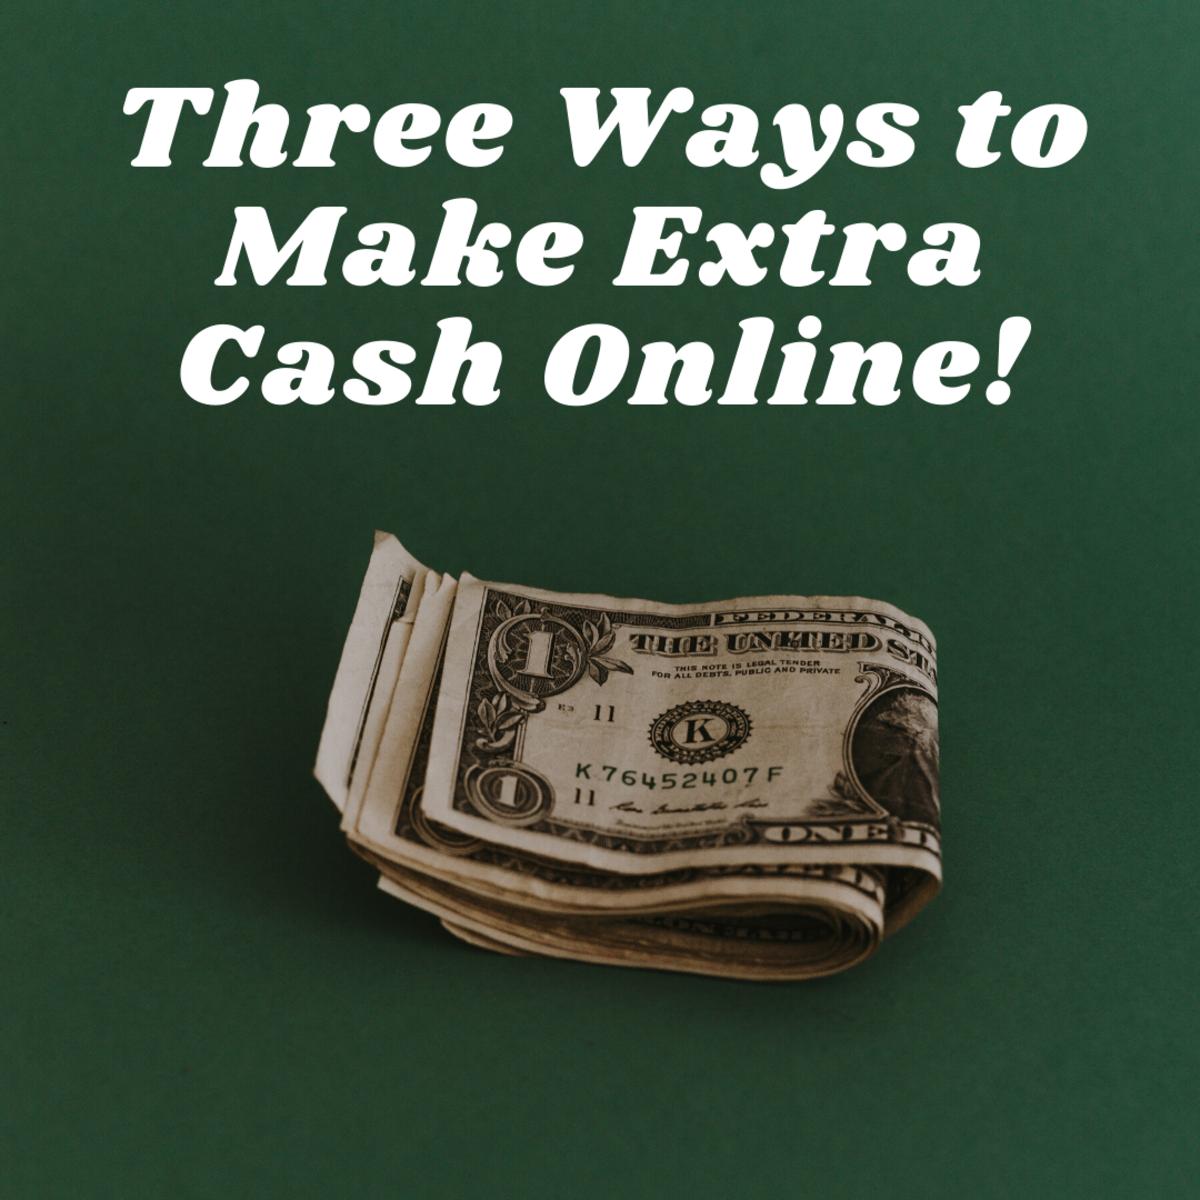 Three Ways to Make Extra Cash Online